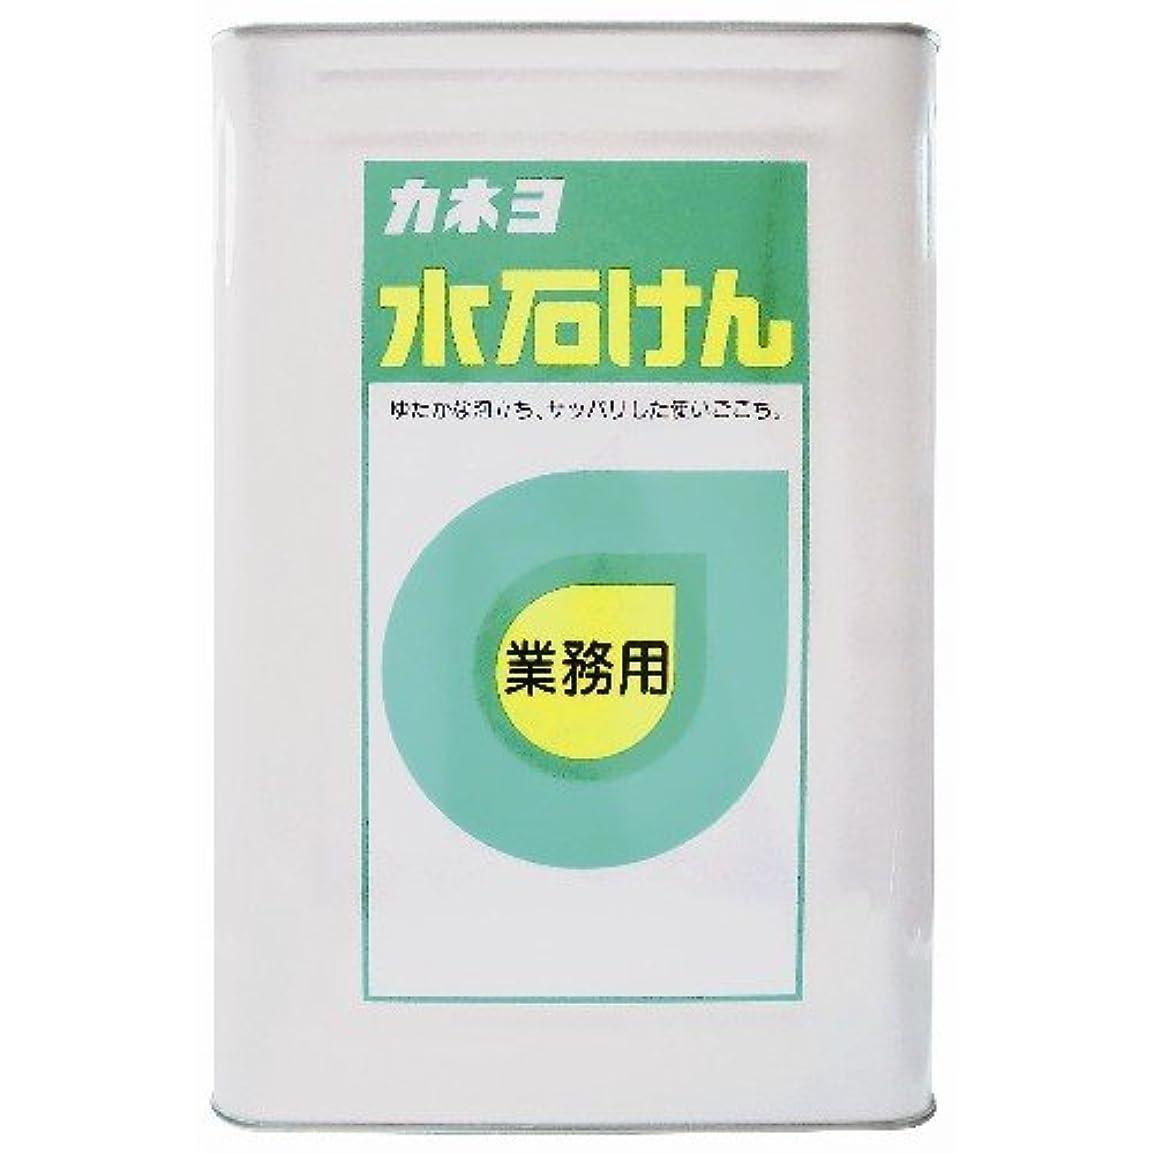 助言する縮約タイプ【大容量】 カネヨ石鹸 ハンドソープ 水石けん 液体 業務用 18L 一斗缶